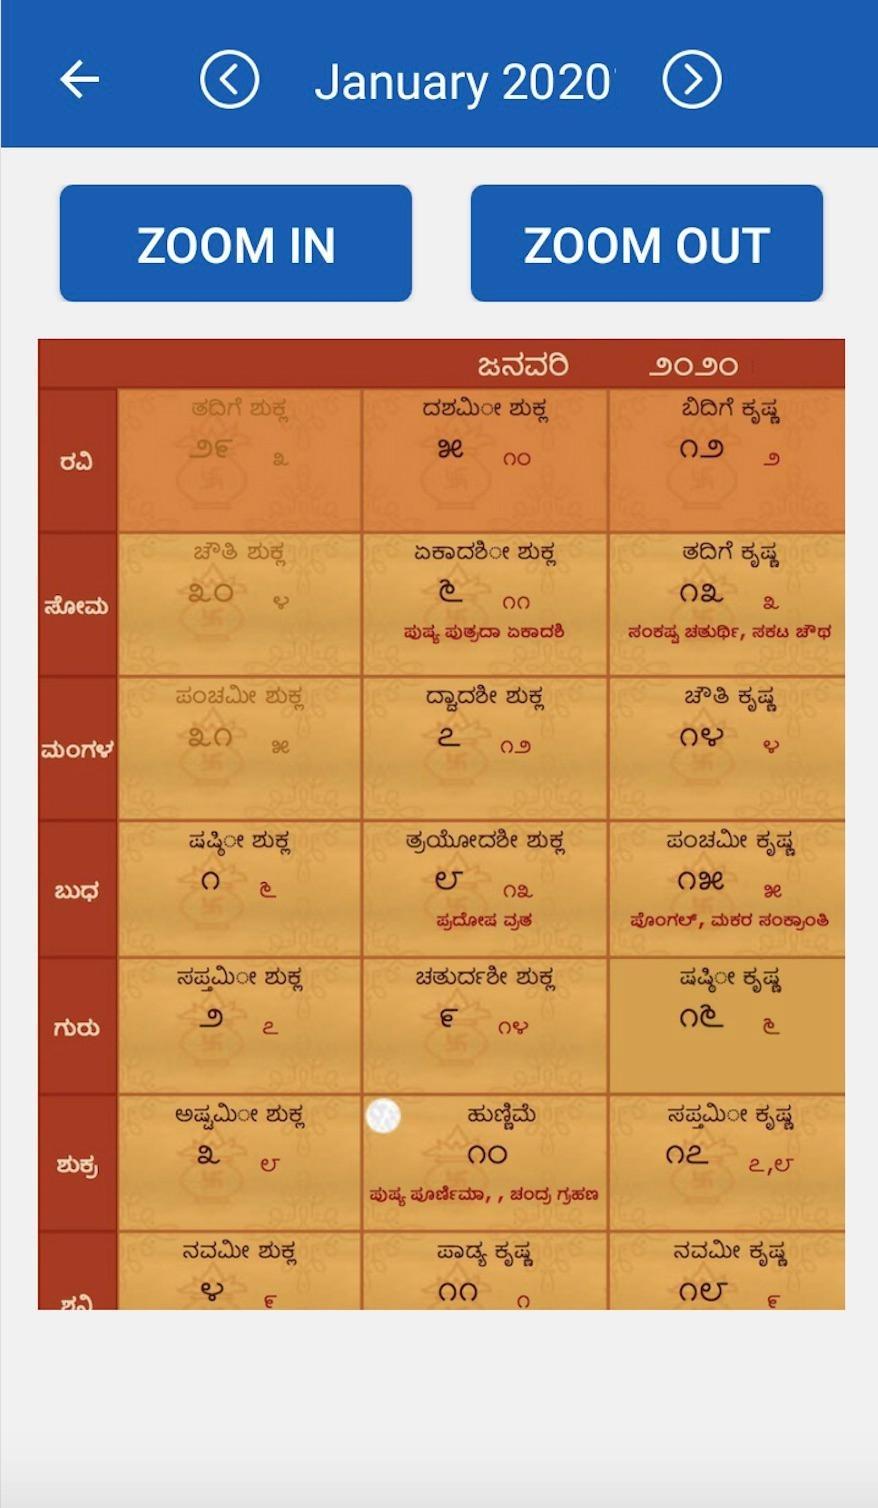 Kannada Calendar 2020 - ಕನ್ನಡ ಕ್ಯಾಲೆಂಡರ್ 2020-January 2020 Calendar Kannada